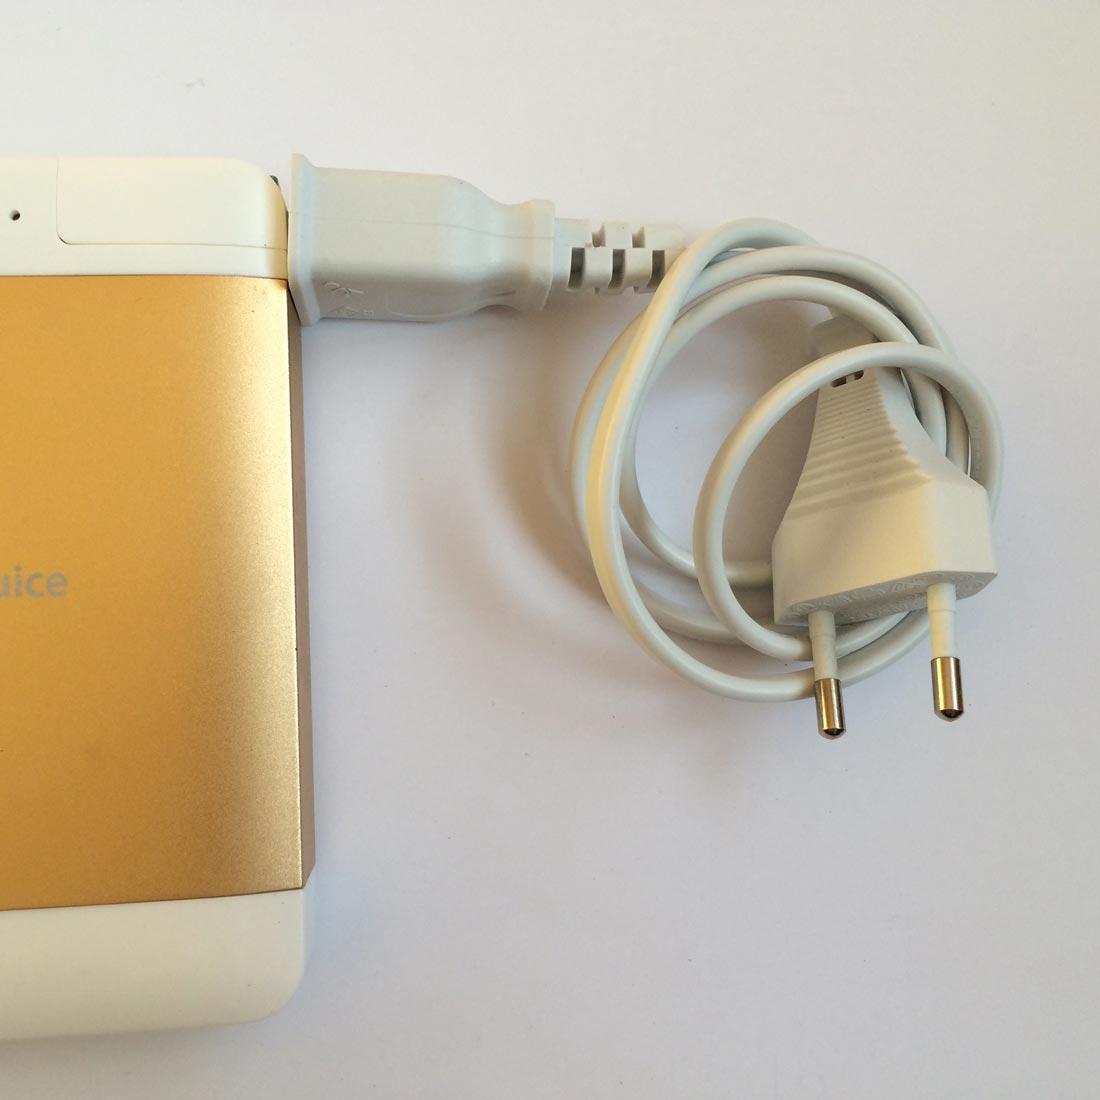 La batterie autonome HyperJuice Plug P10 et sa prise de courant adaptateur. Ph. Moctar KANE.